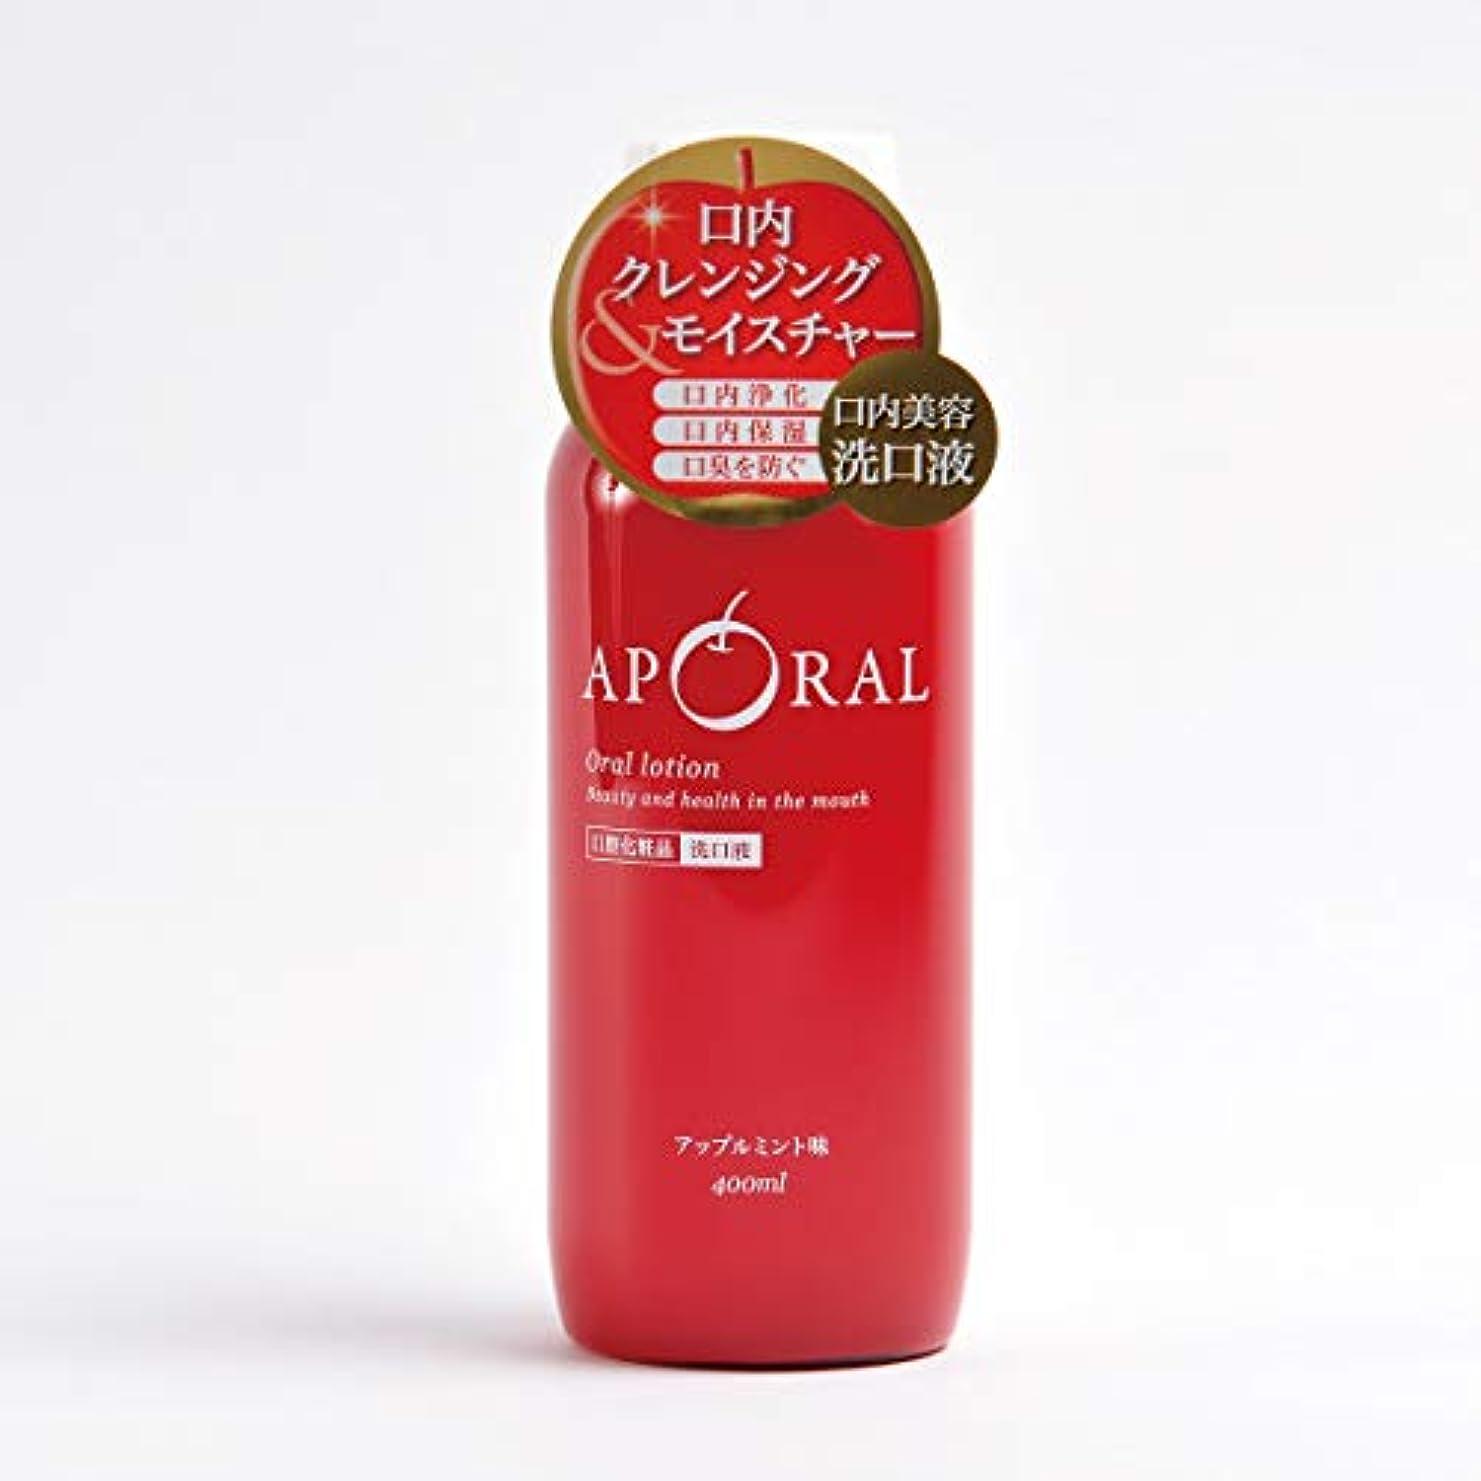 乳白変数でAPORALオーラルローション(洗口液)